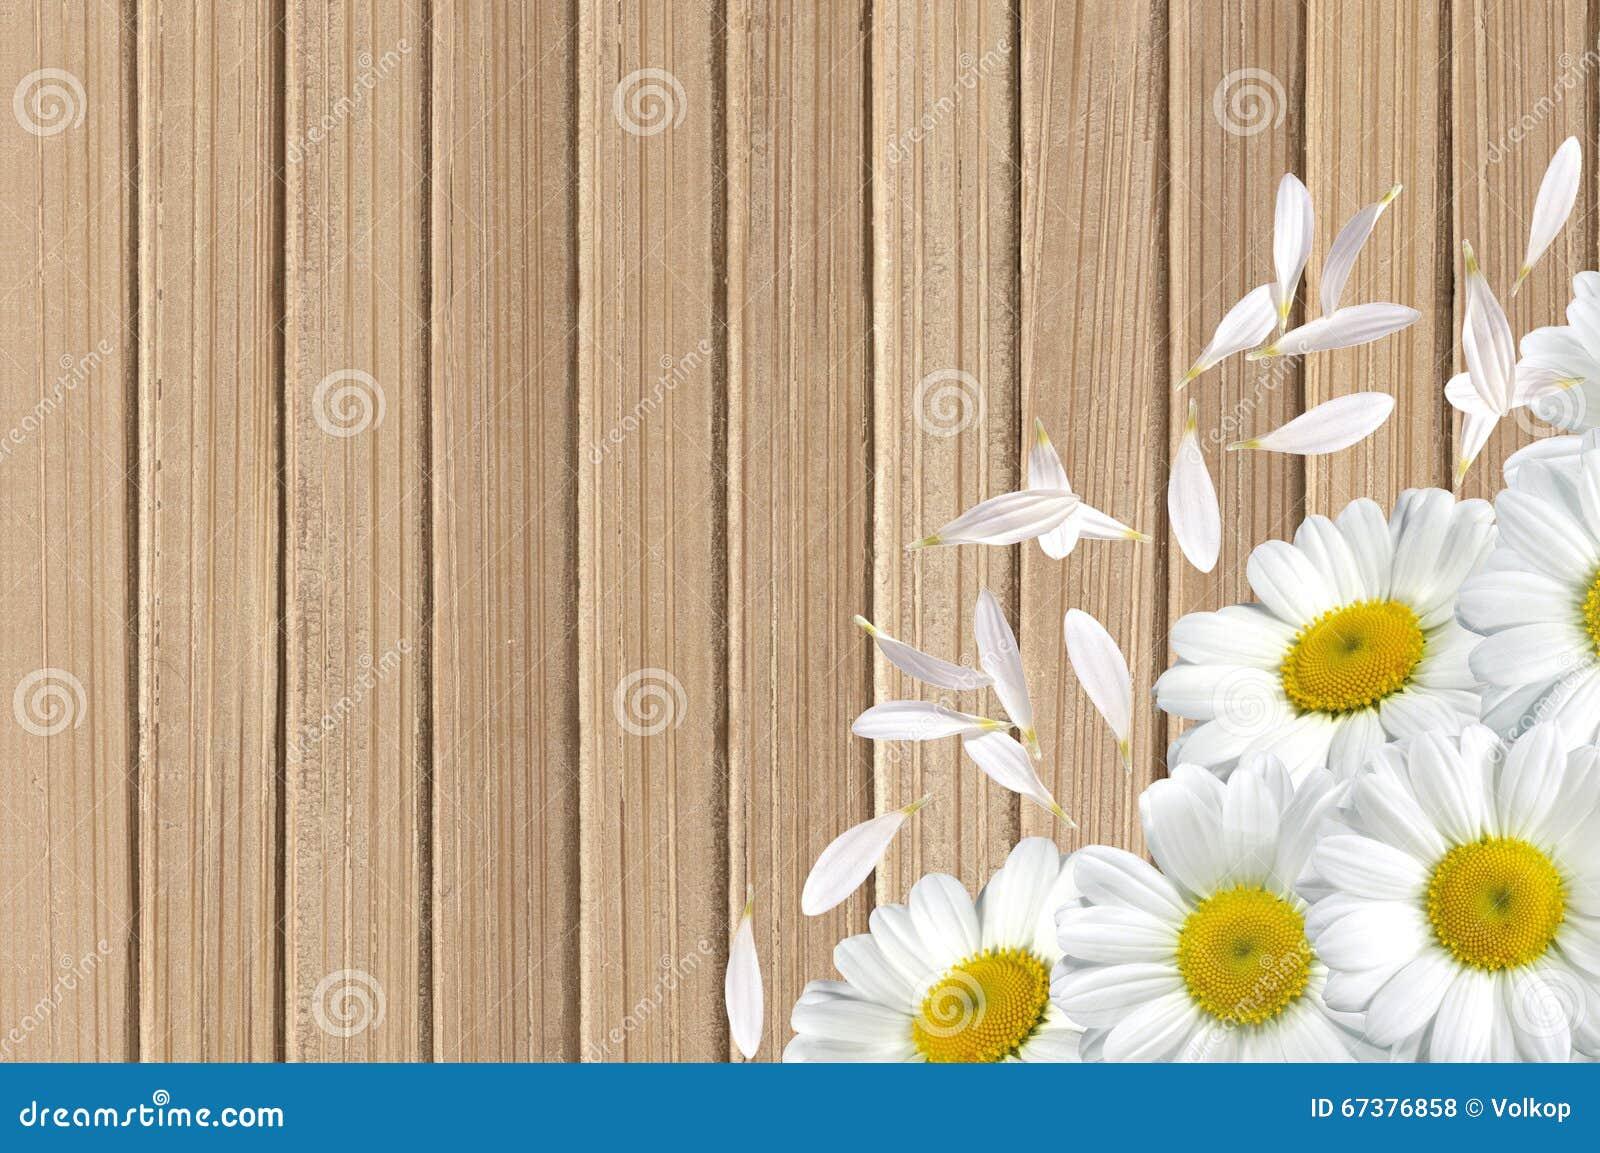 Fondo De Madera Vintage Con Flores Blancas Manzana Y: Flores Blancas De La Manzanilla En Fondo De Madera De La